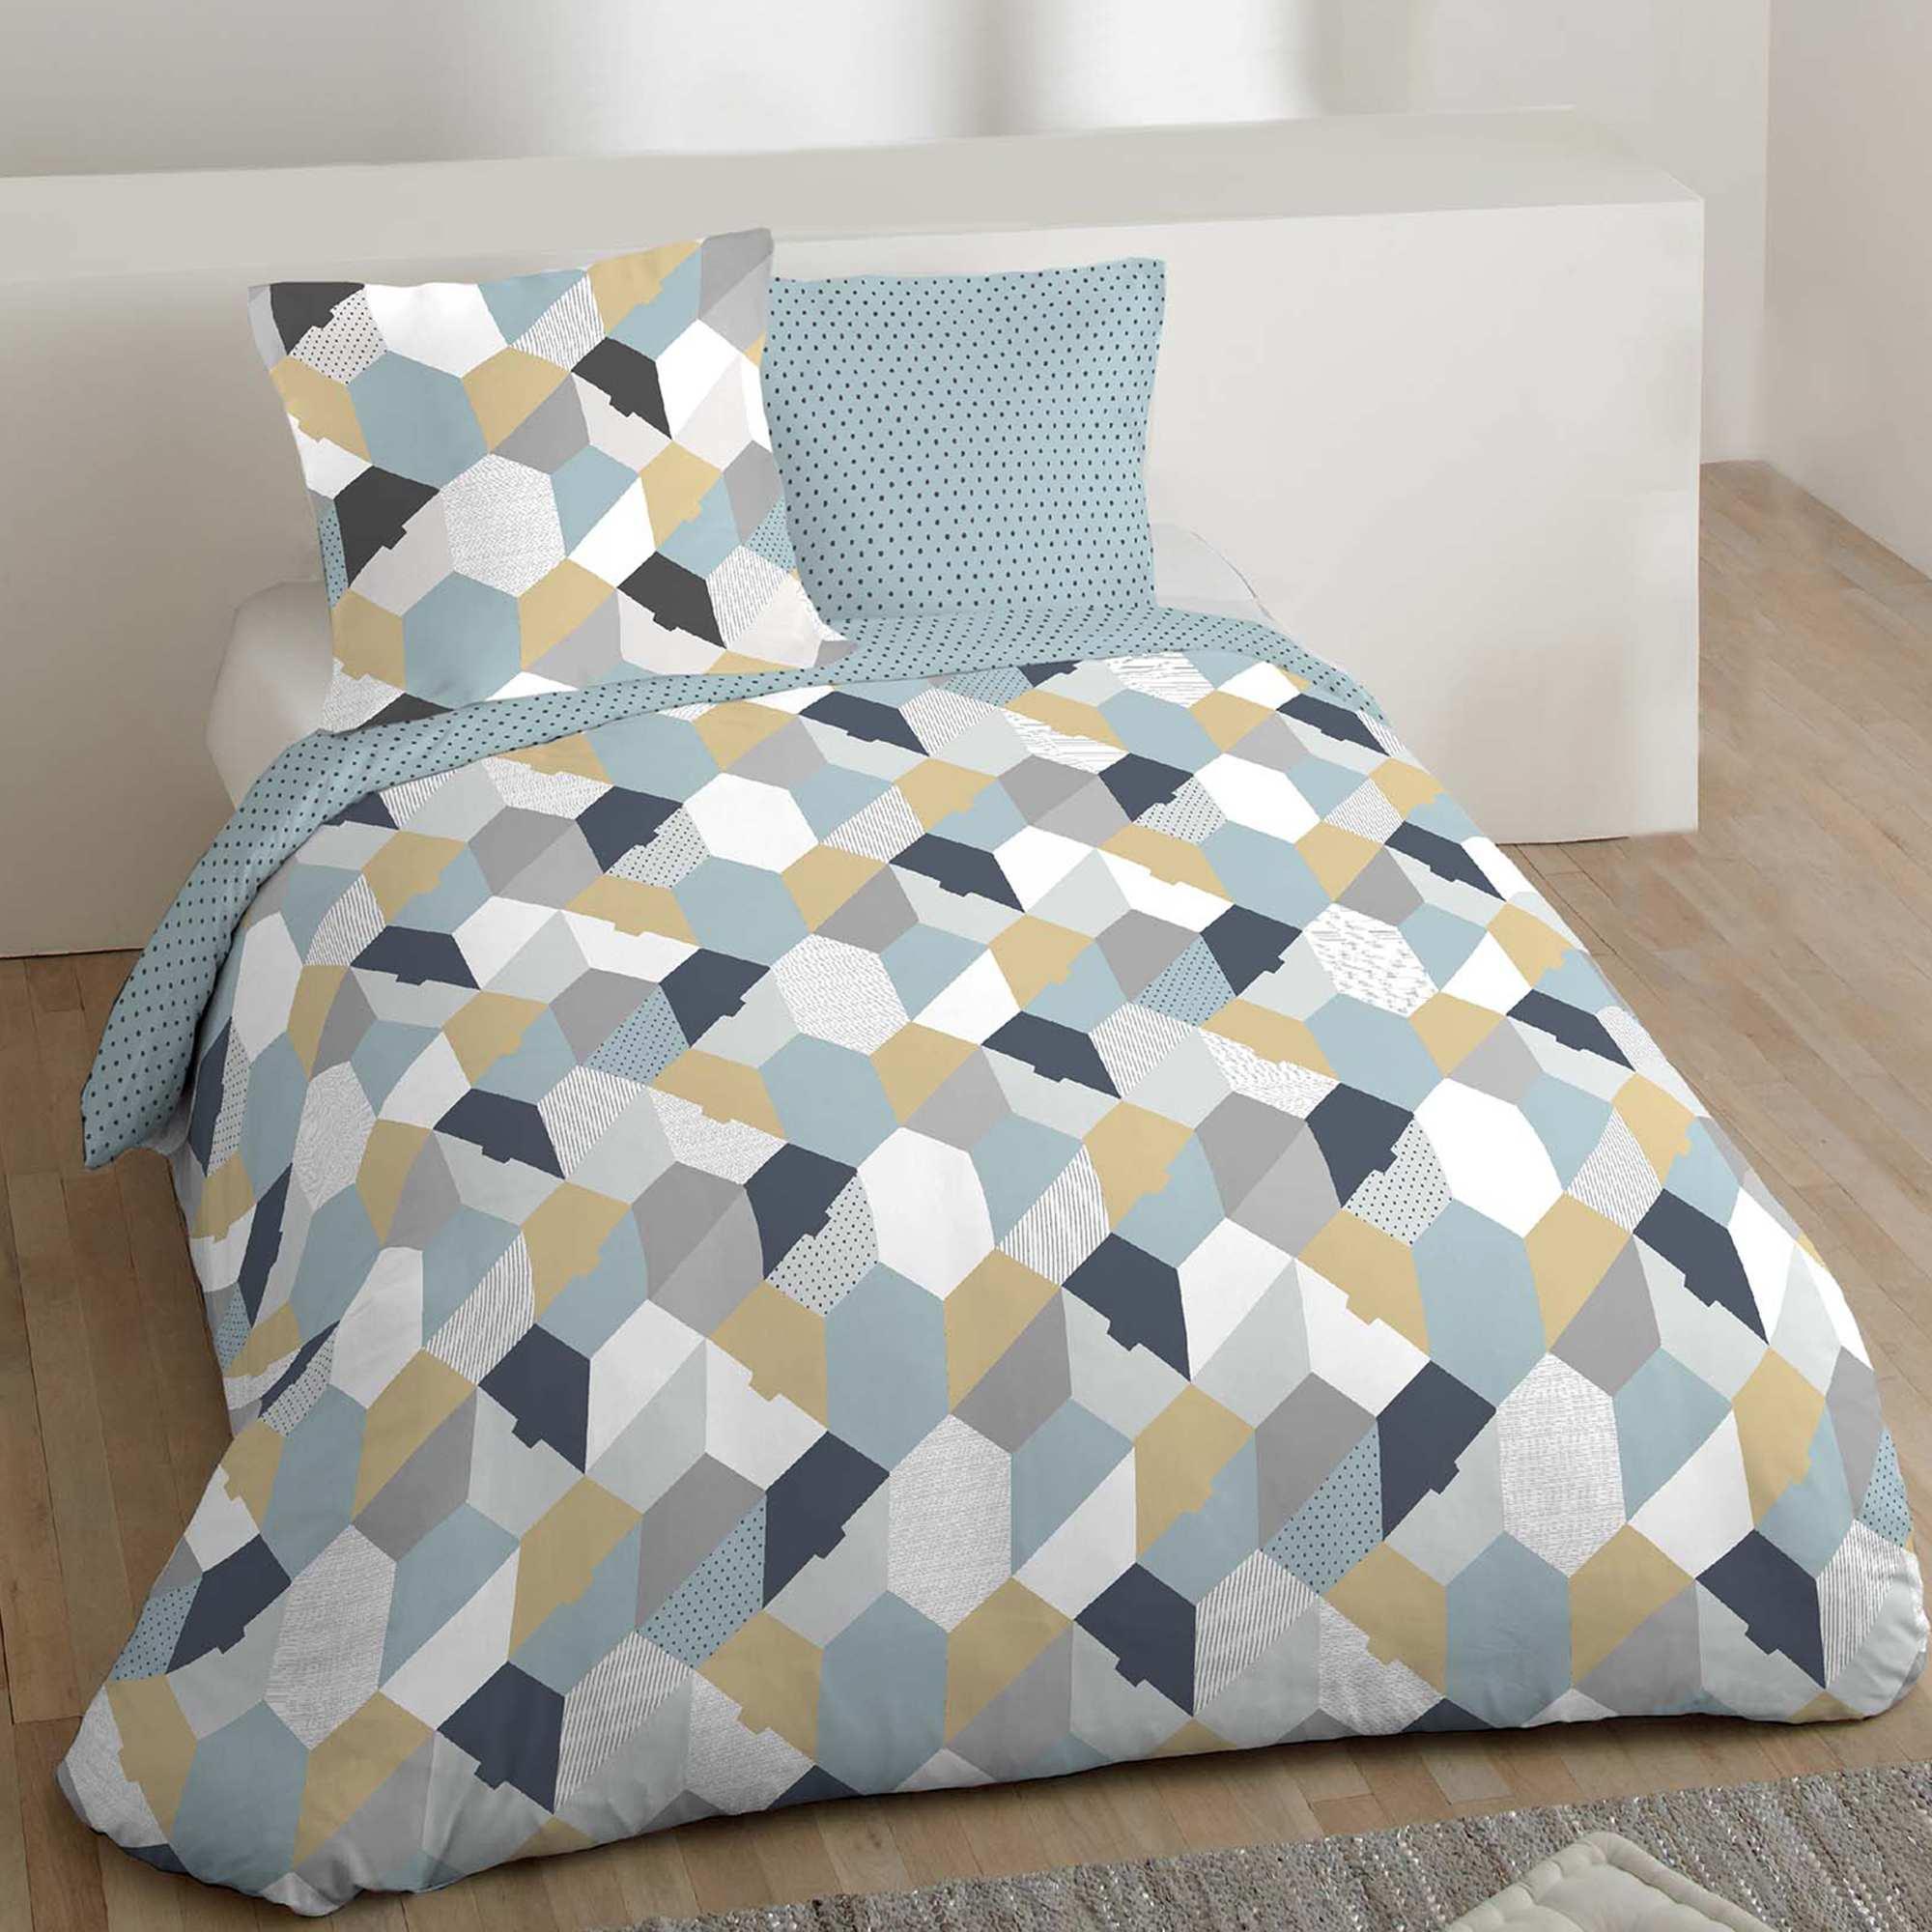 9c5464268 Capa de edredão + fronha de casal com motivos geométricos Azul  Branco Casa.  Loading zoom